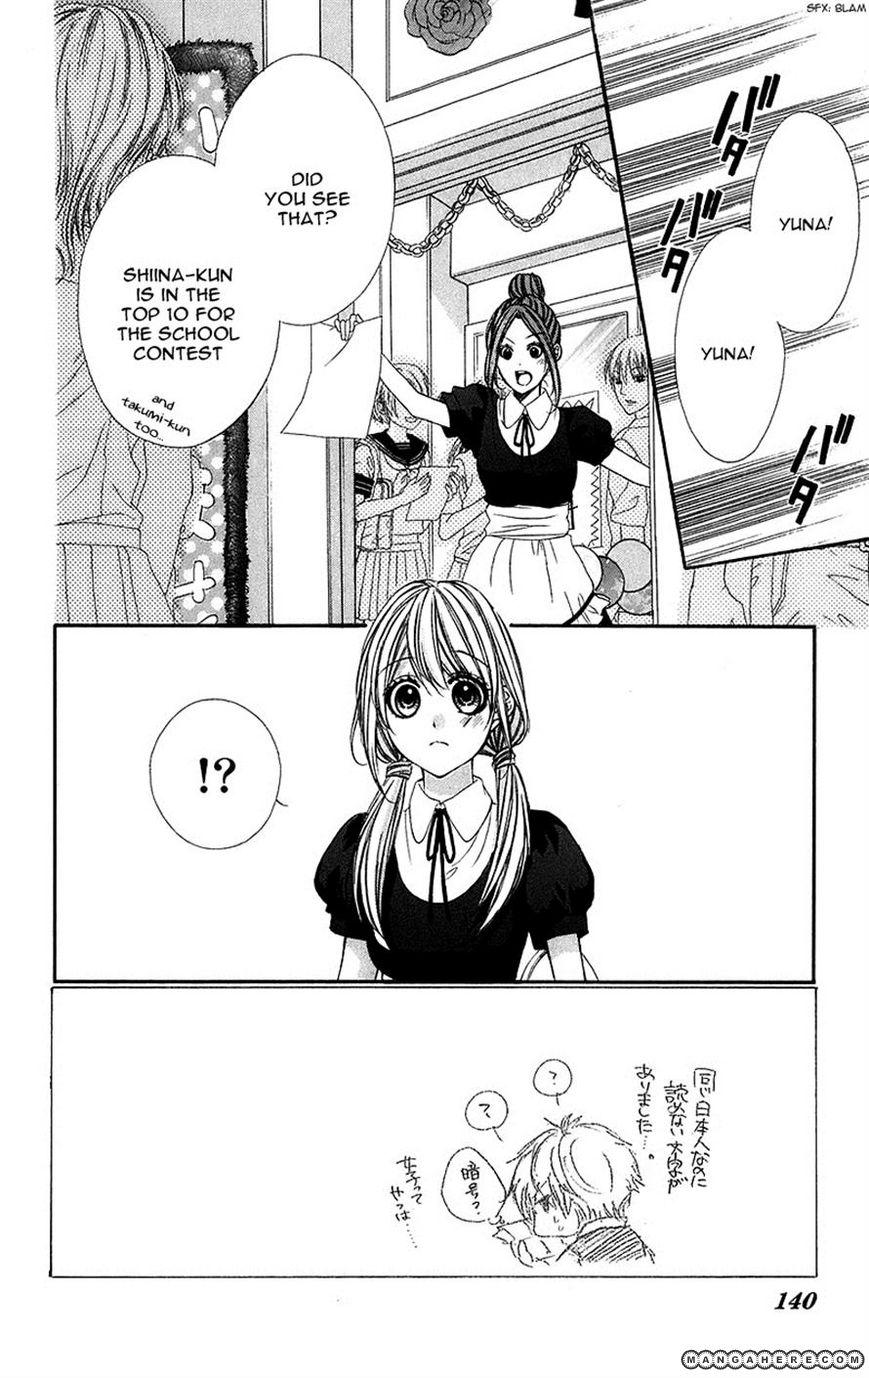 Kimi To Koi No Tochuu 5 Page 2